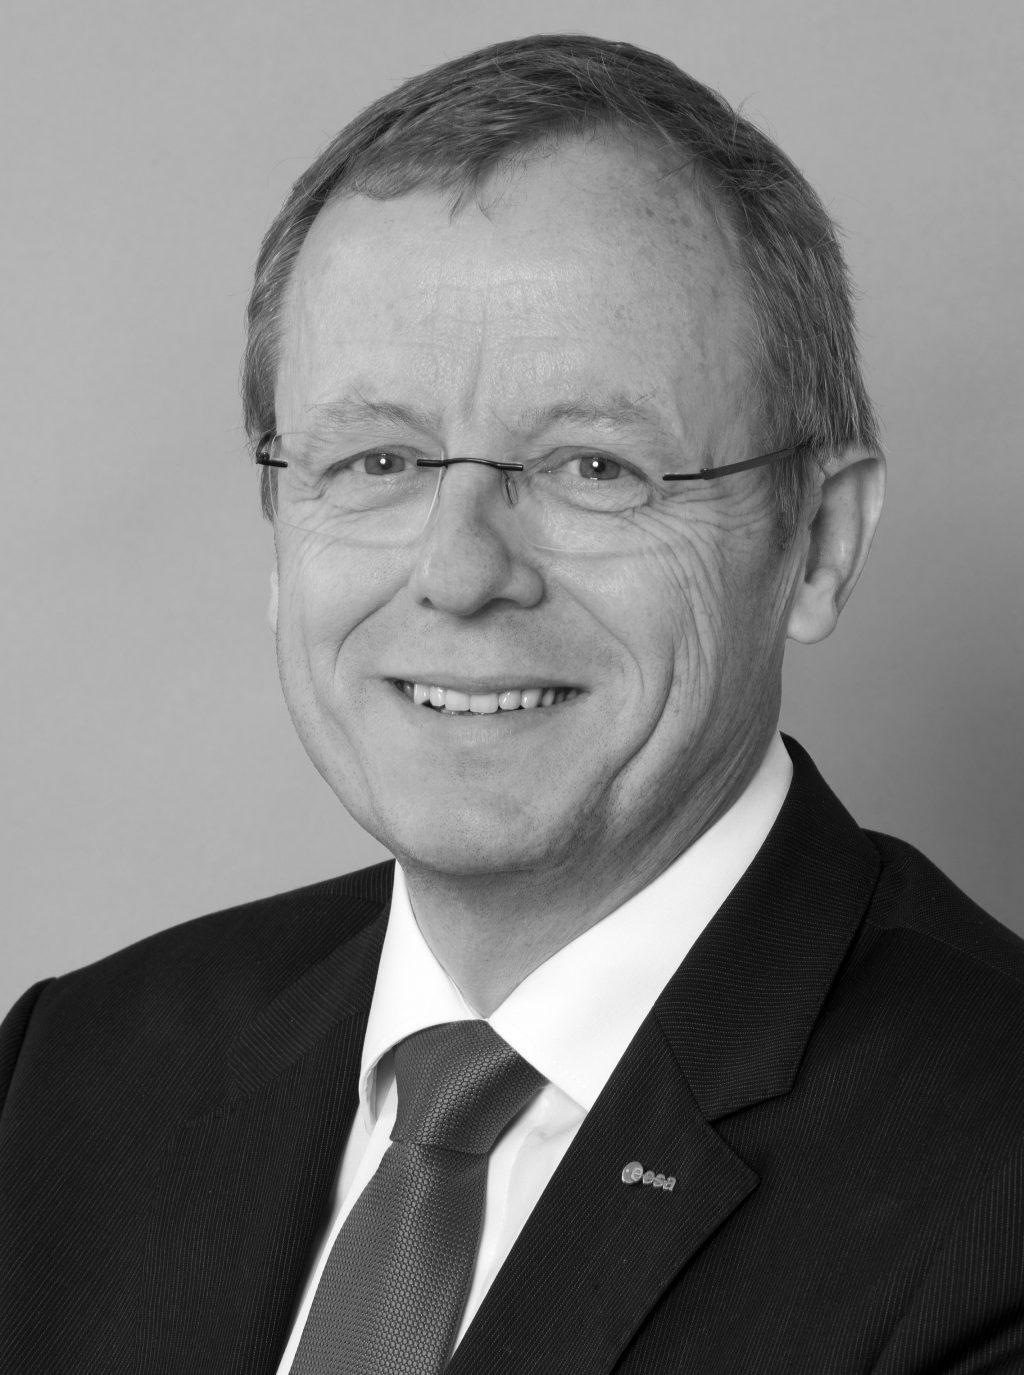 Johann-Dietrich Woerner